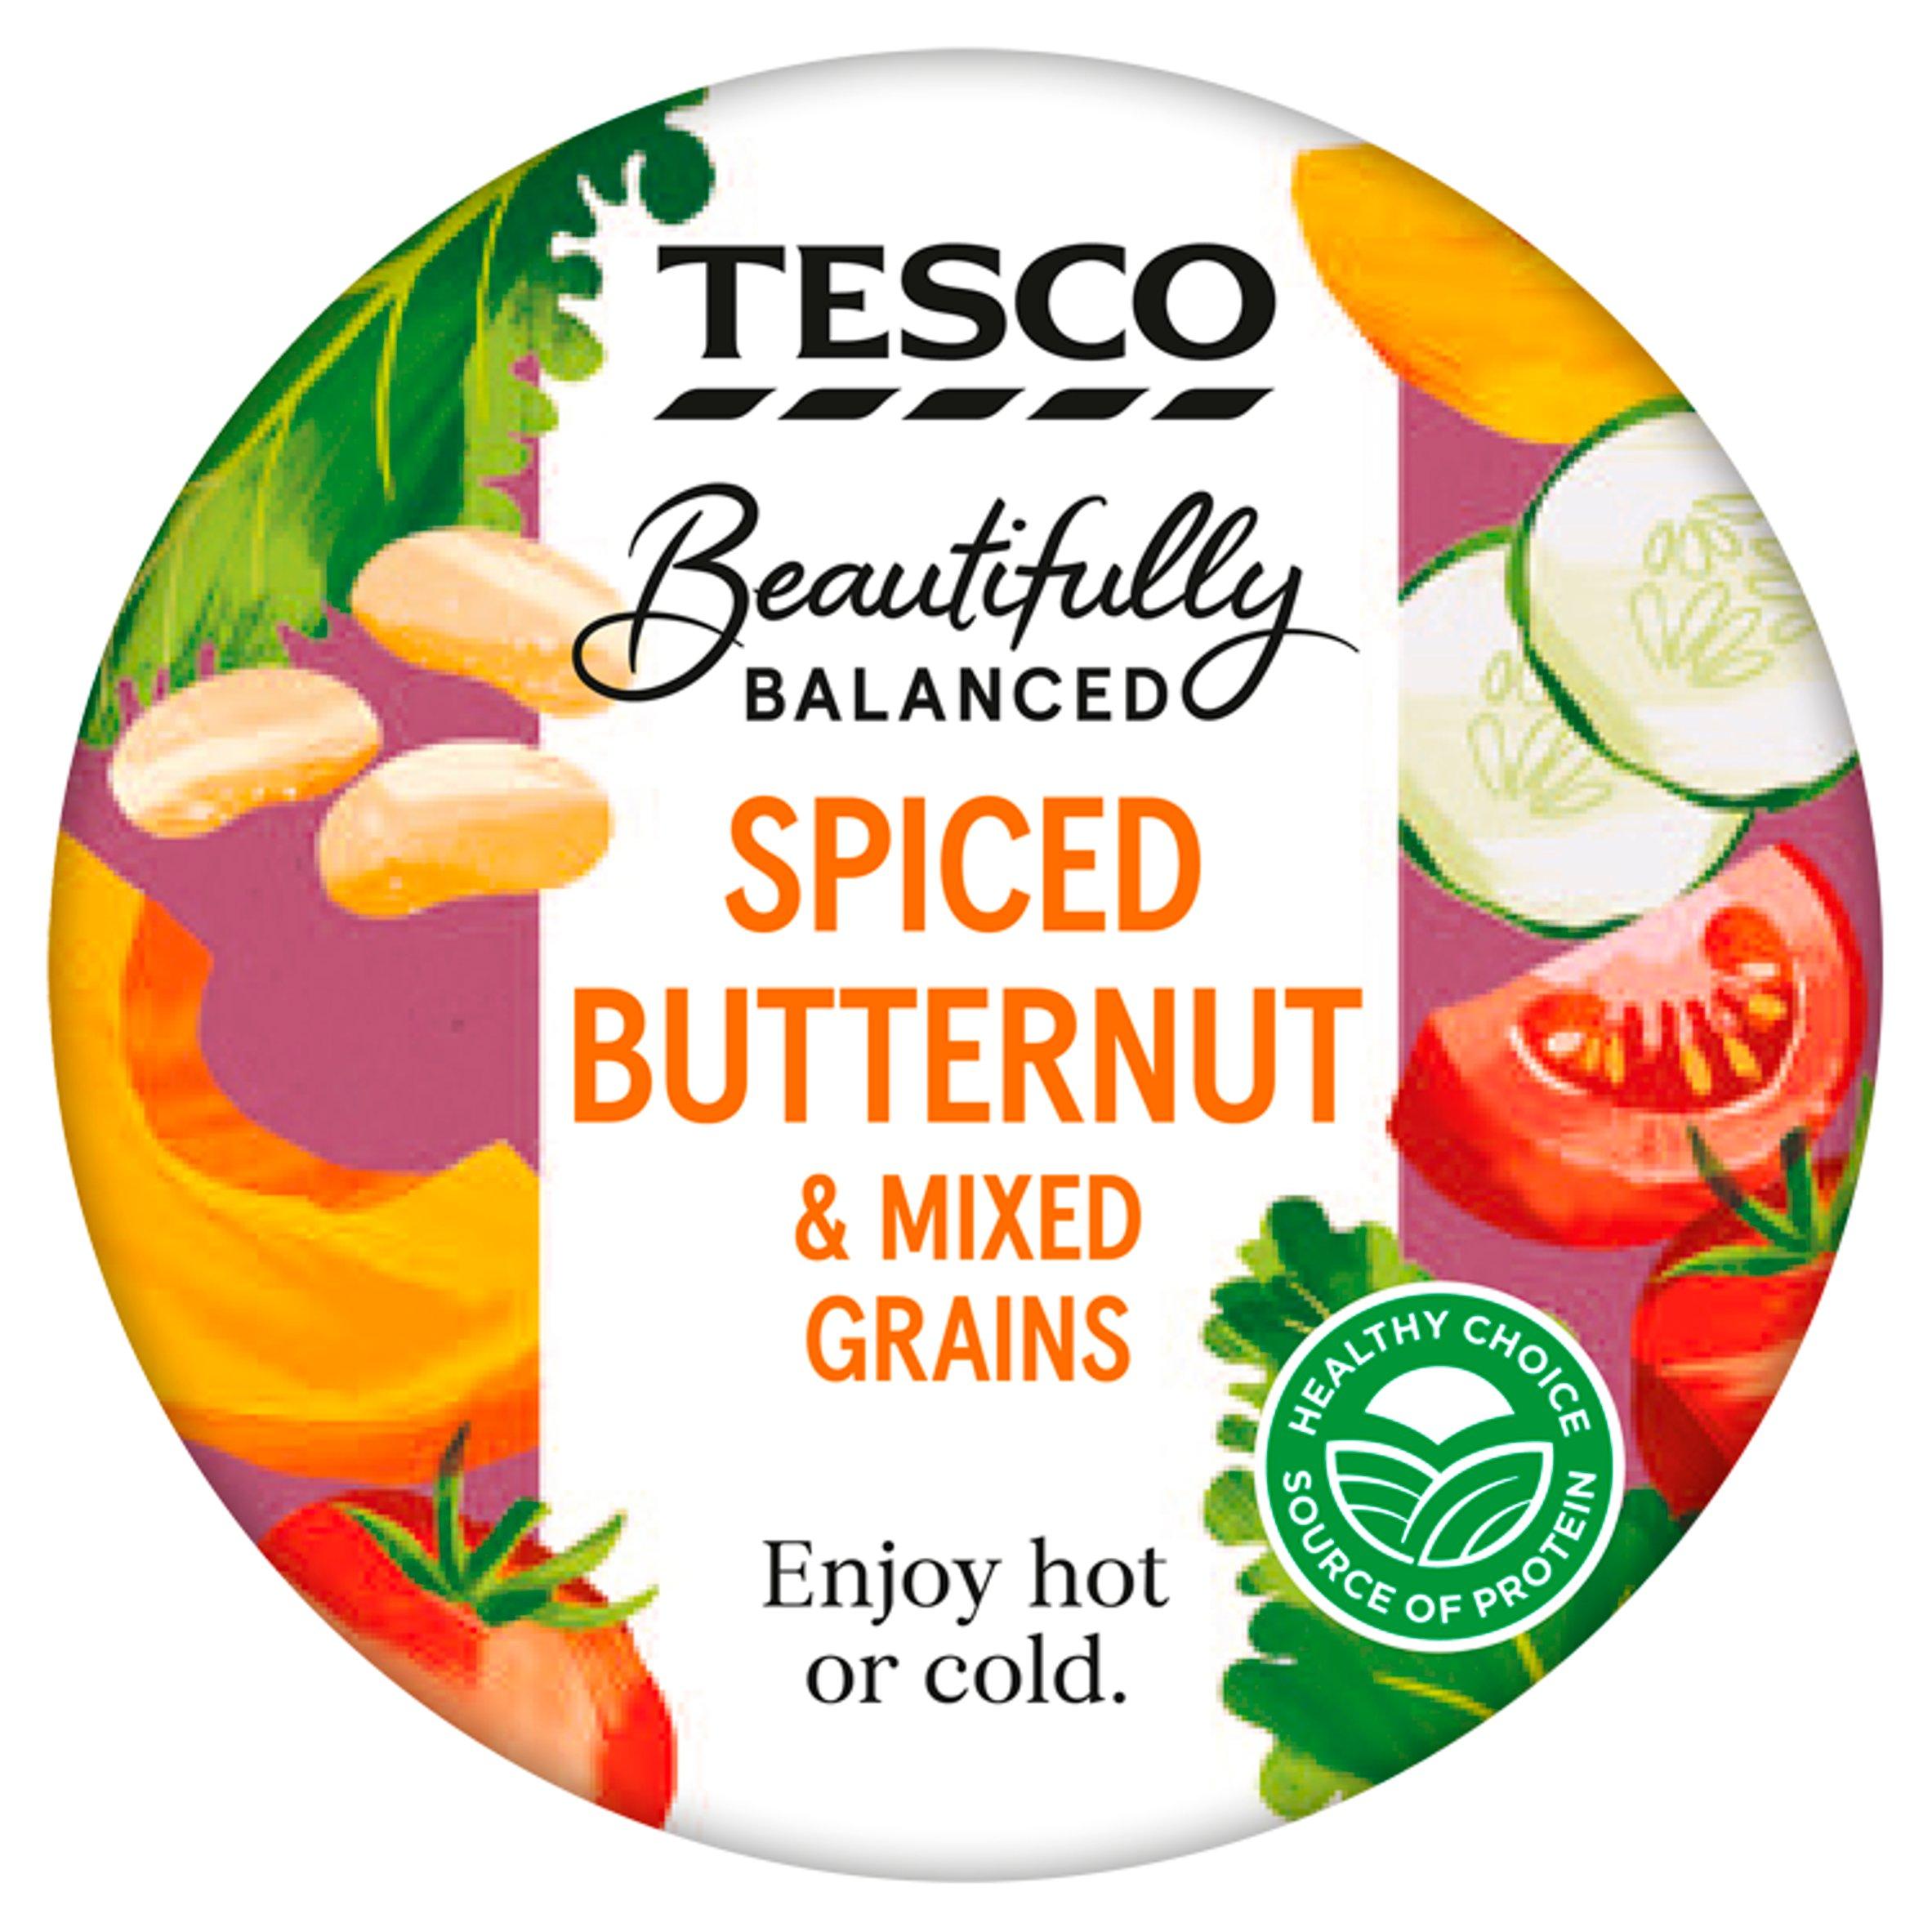 Tesco Beautifully Balanced Spiced Butternut & Mixed Grains 215G